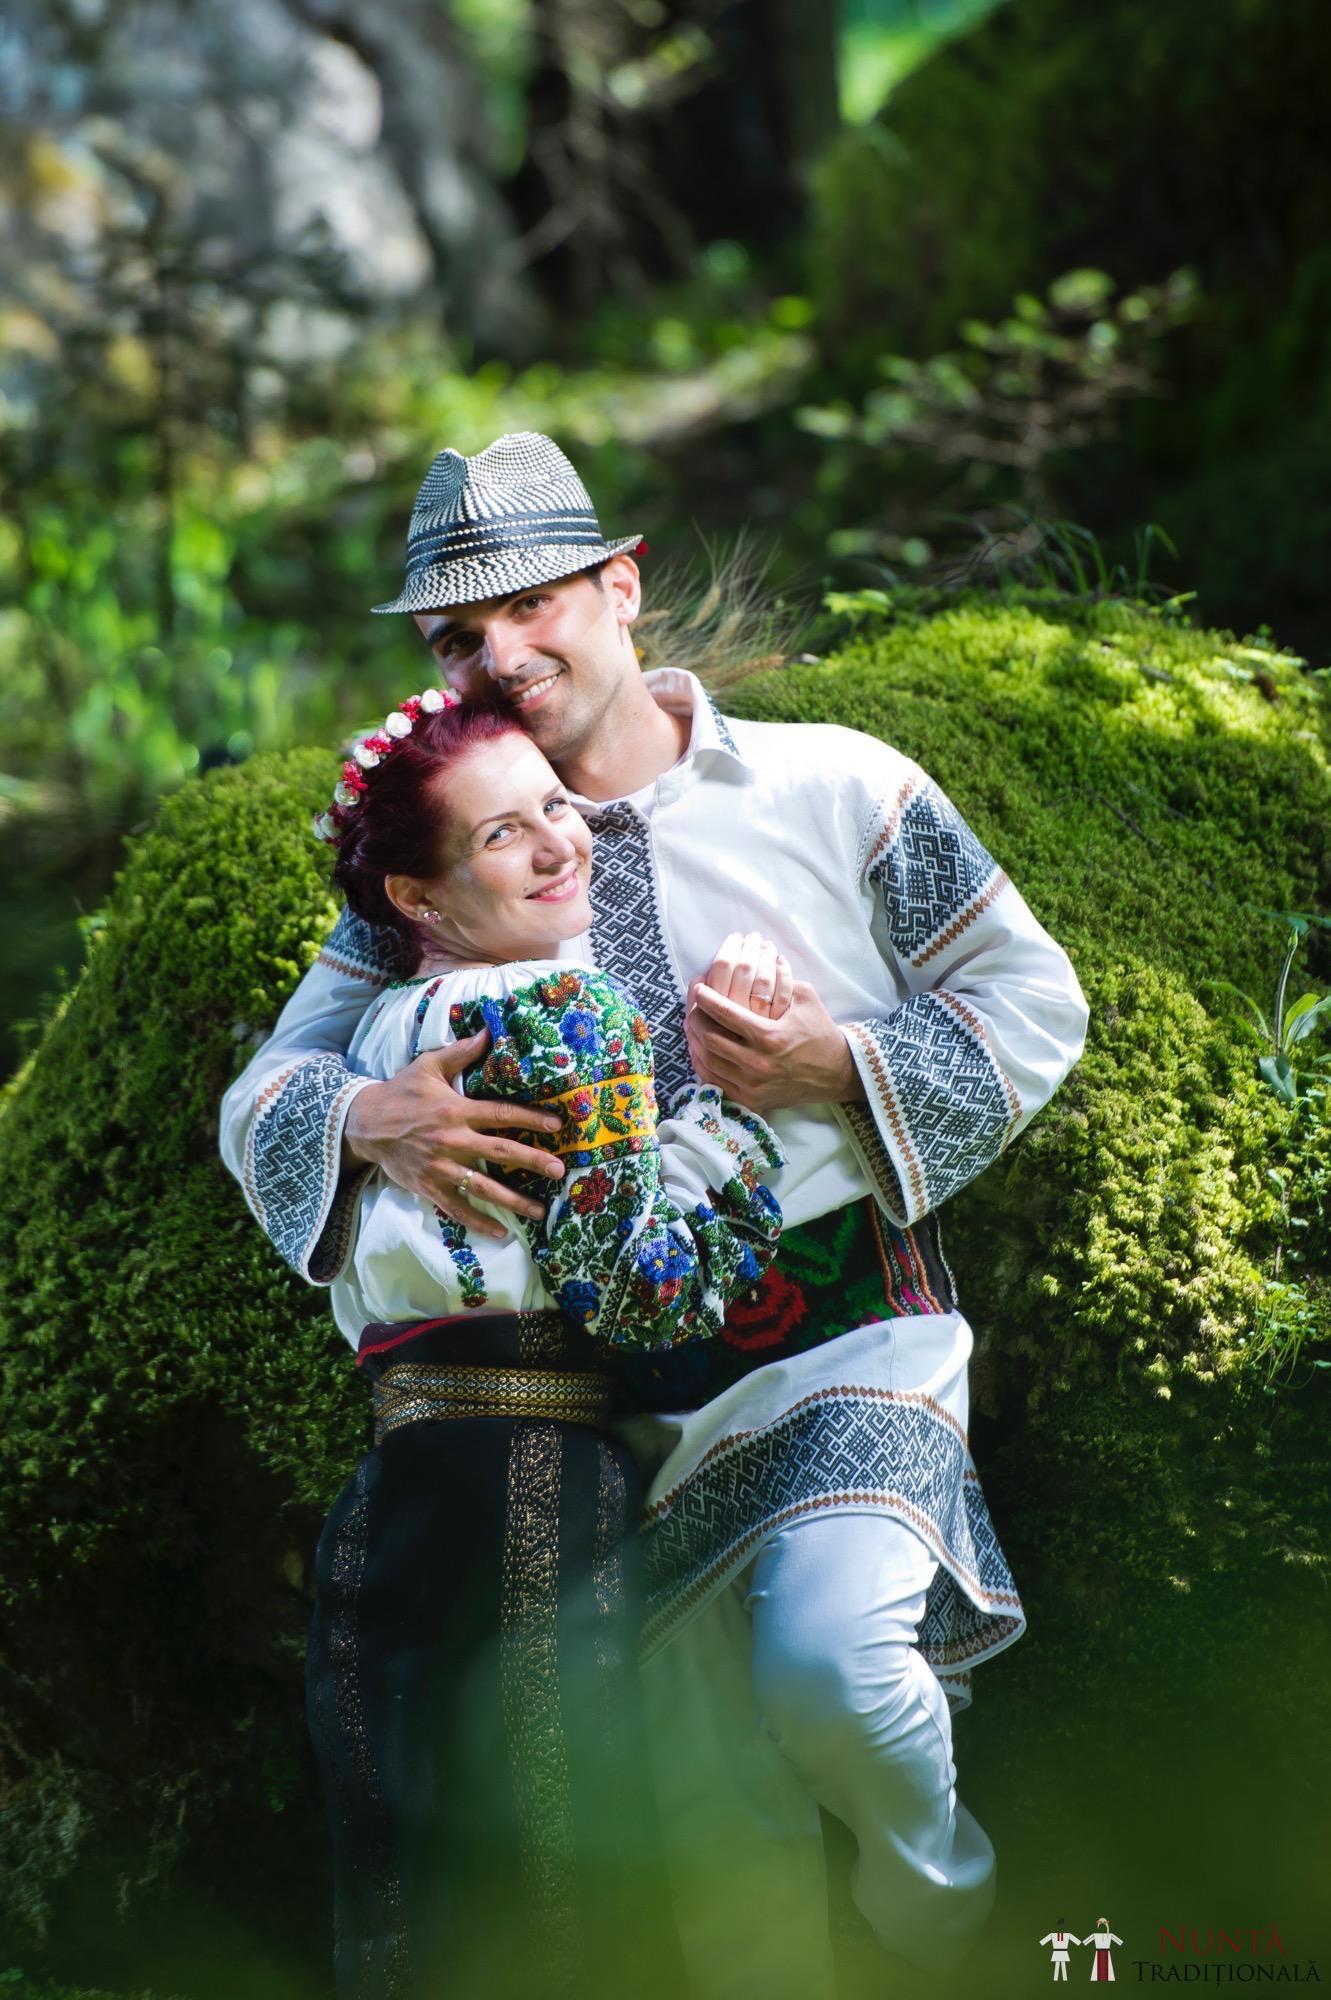 Povești Nunți Tradiționale - Gabriela și Mădălin - Nuntă Tradițională în Suceava, Bucovina 22